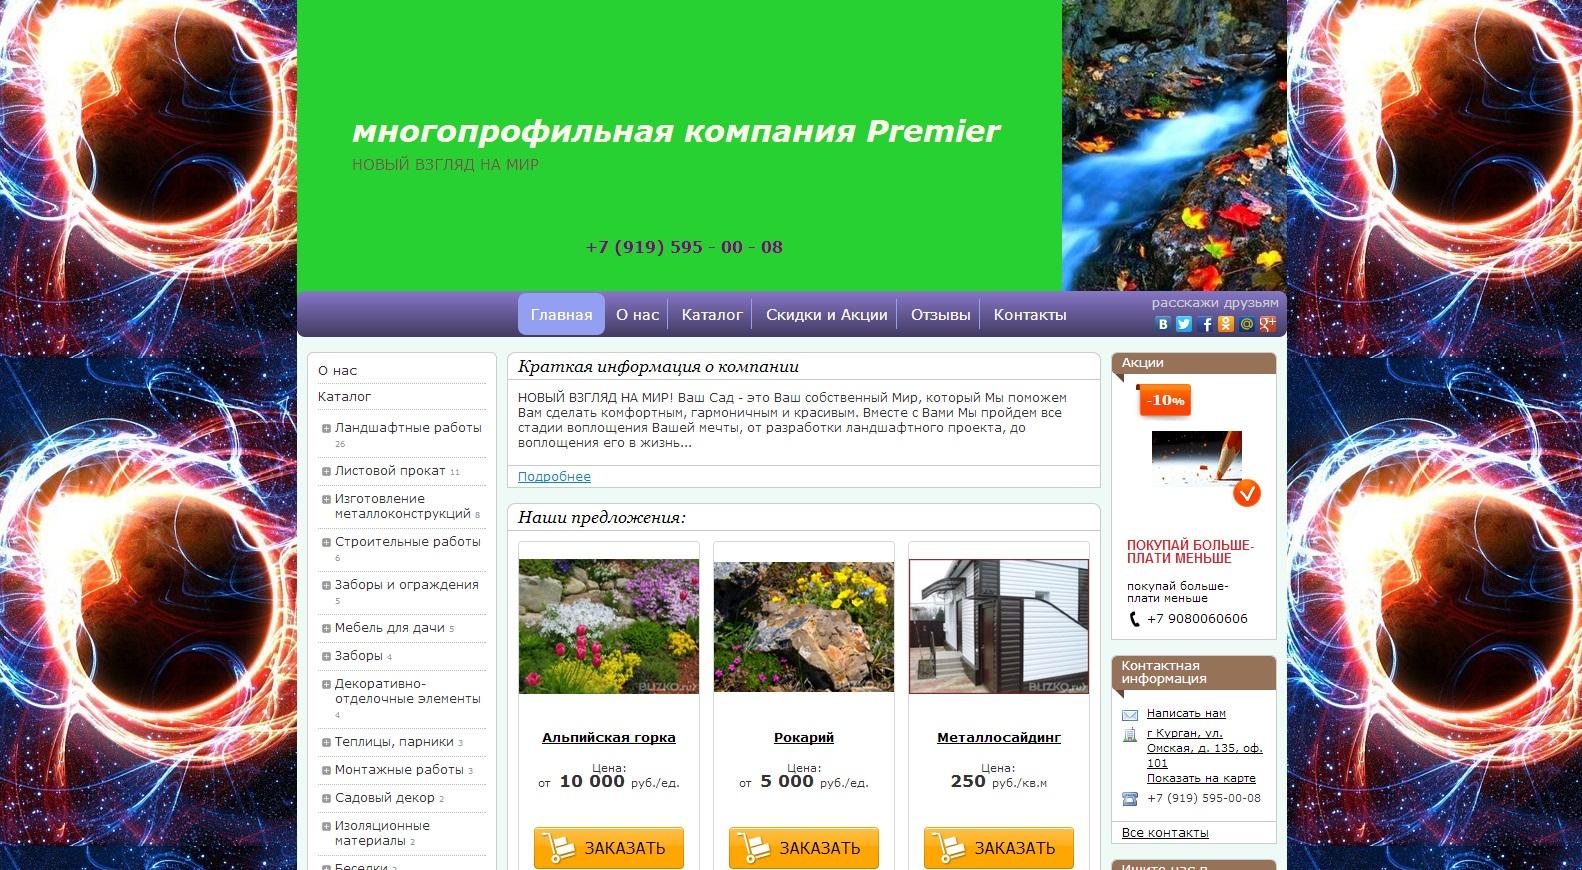 Сайты компаний многопрофильные продвижение сайта за проценты от продаж